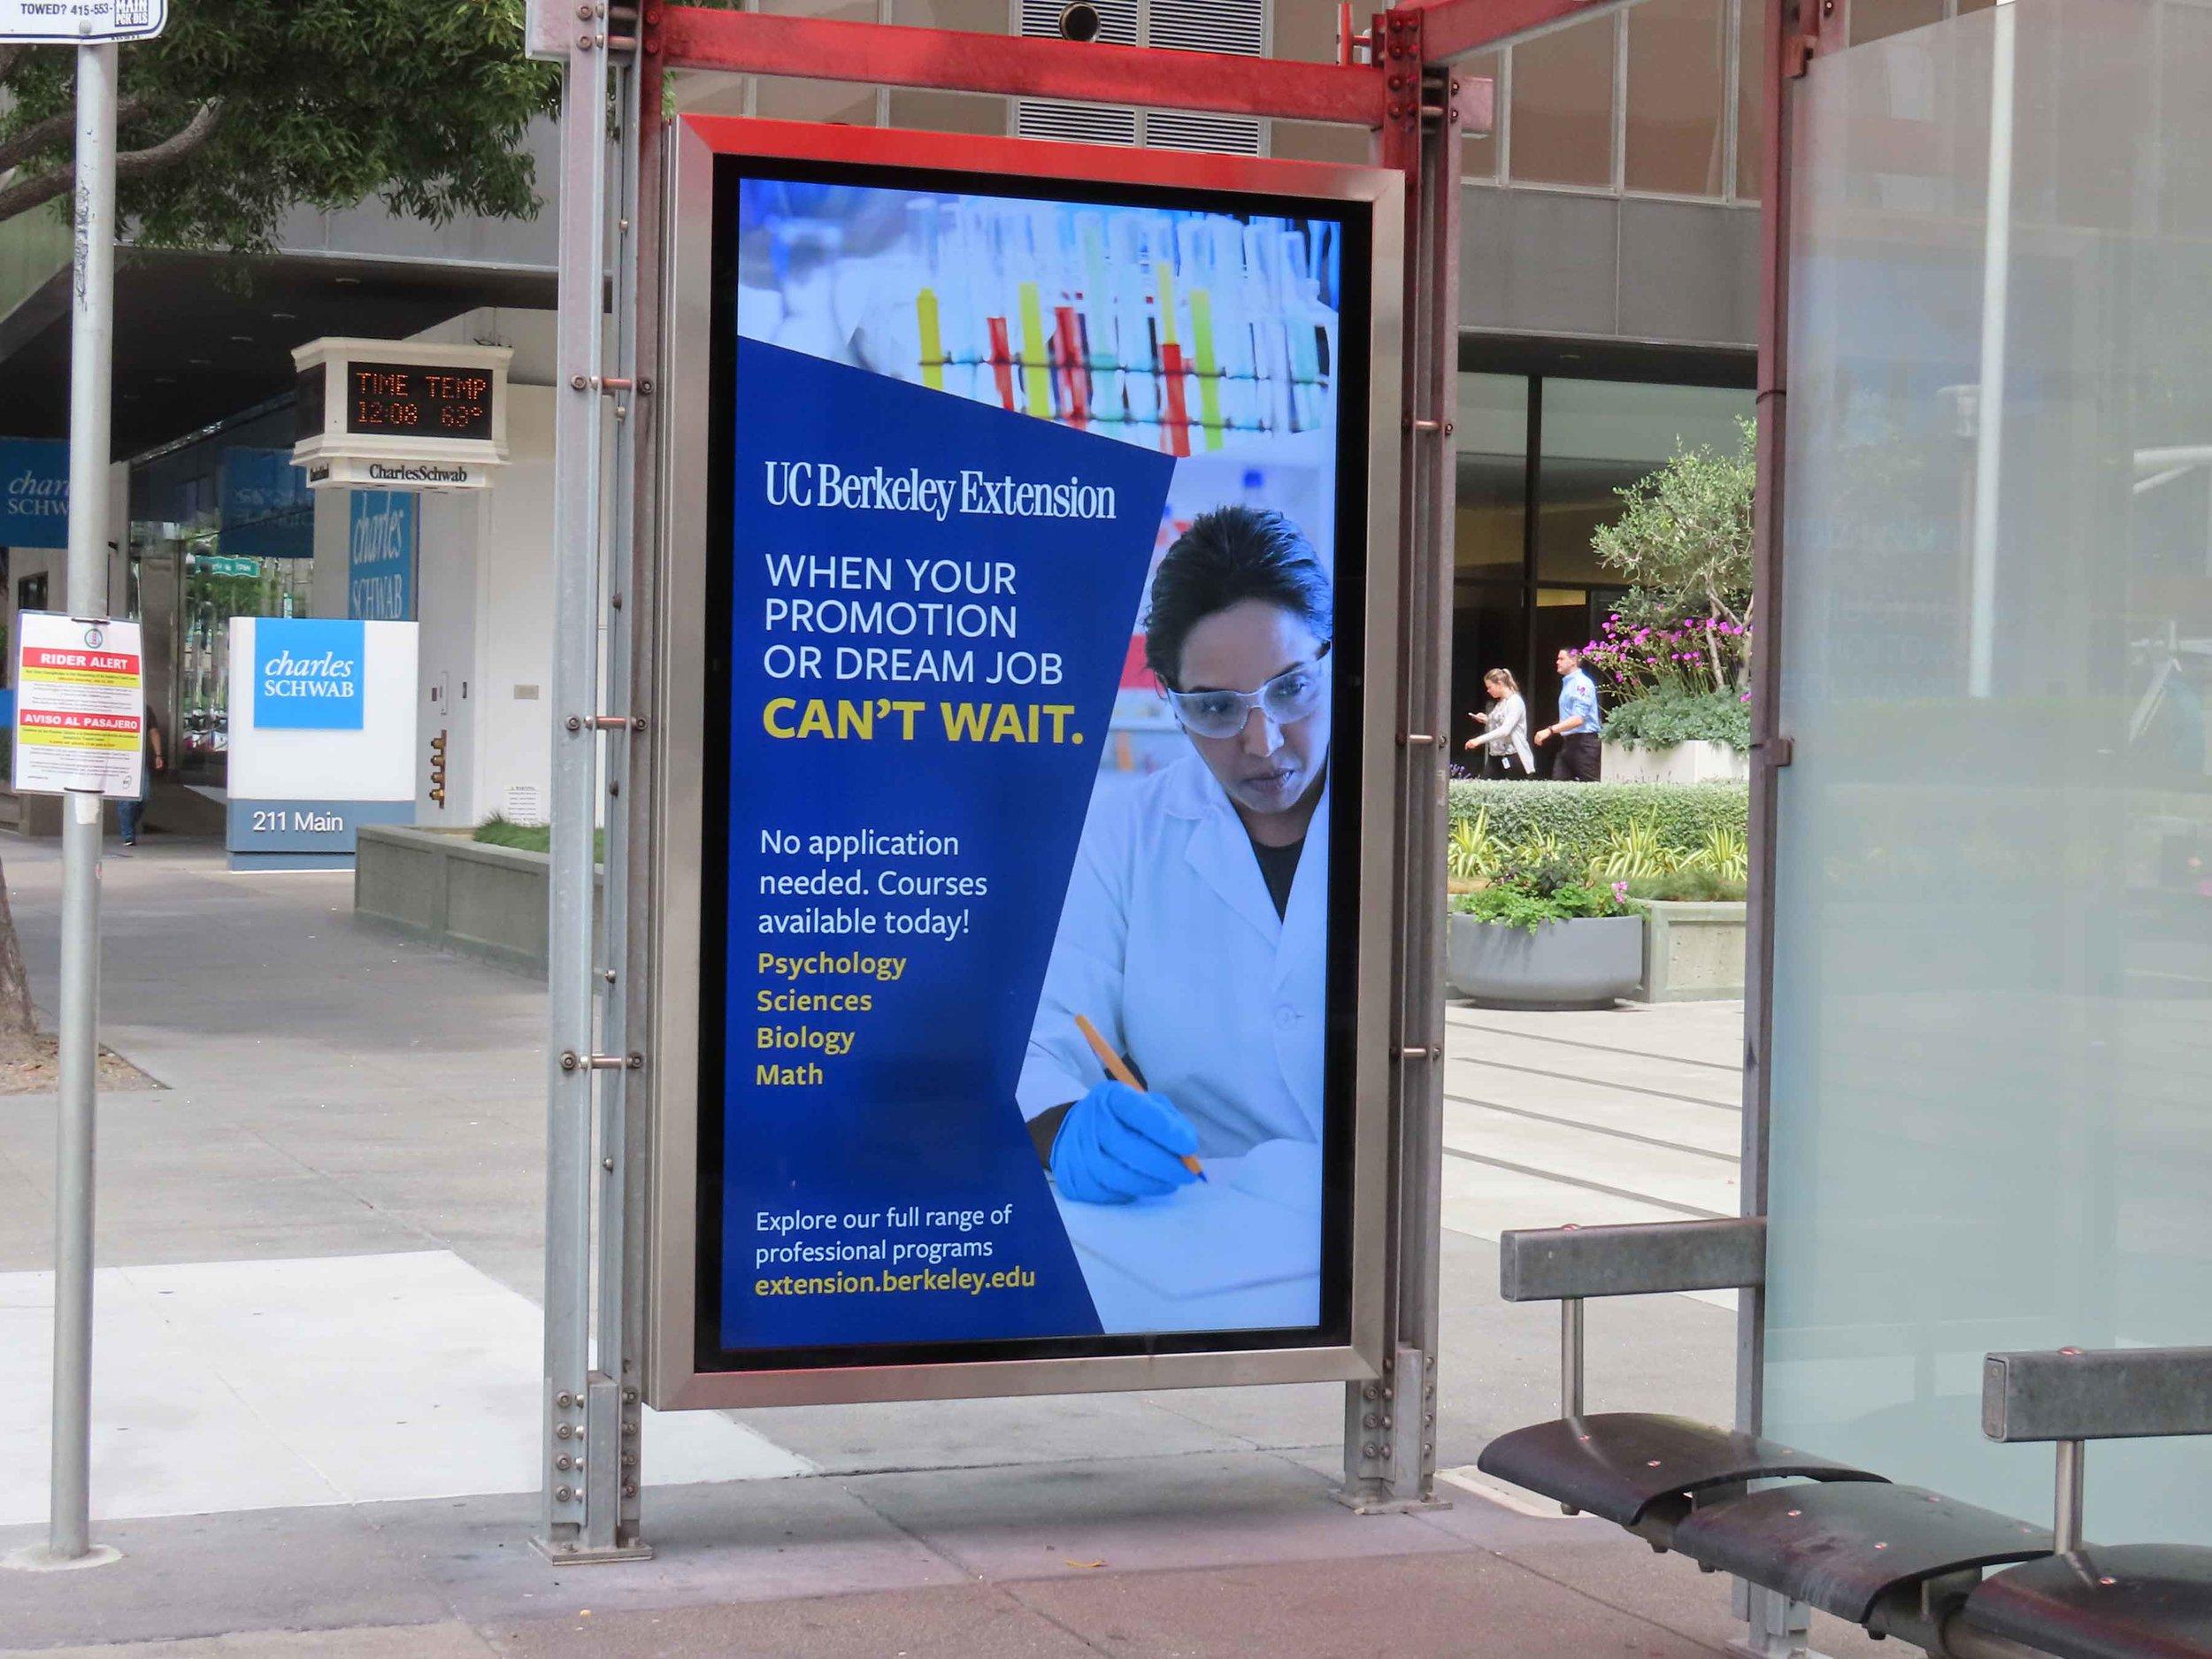 OAK-221541-DS_Campaign_UniversityofCaliforniaBerkeleyExten_2019-08-20_202658136.jpg